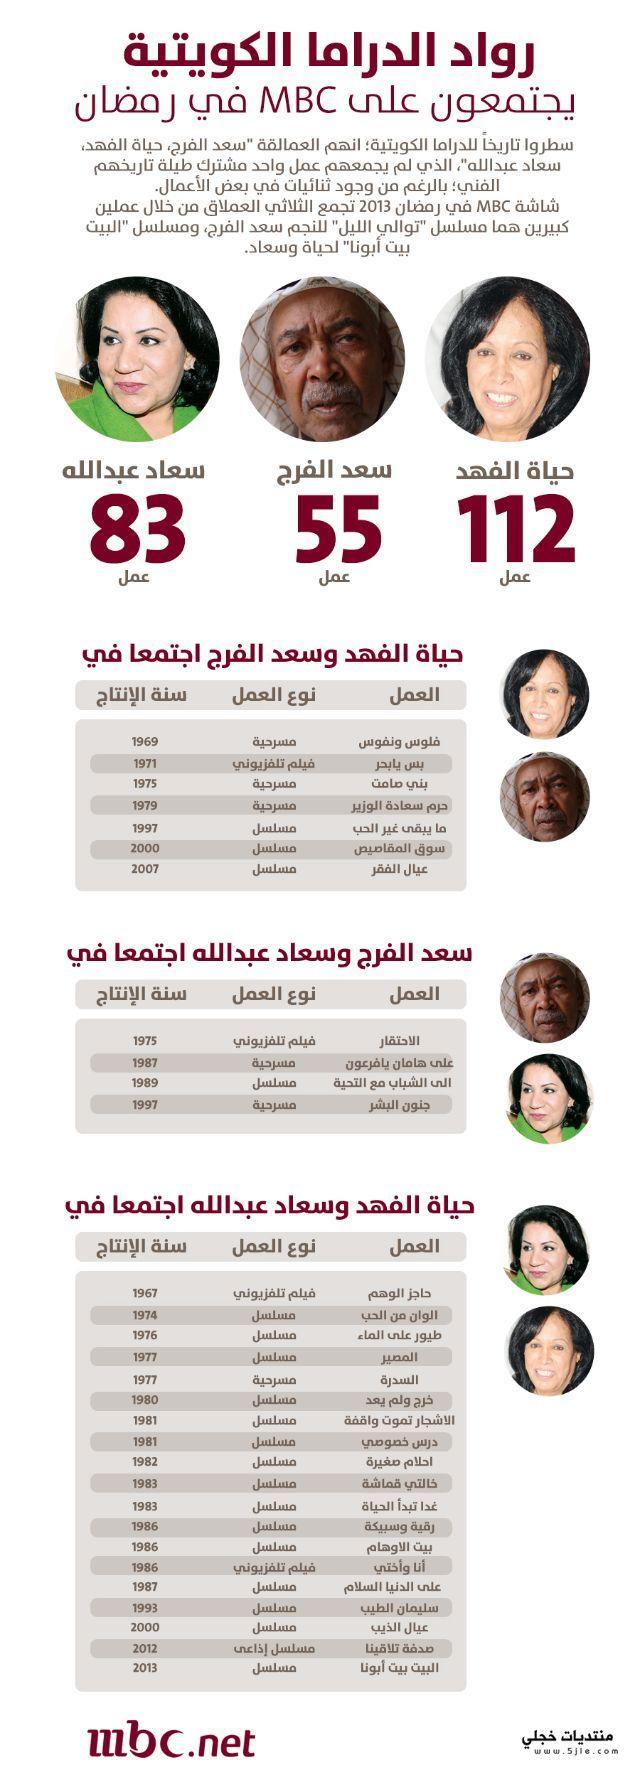 الفرج وحياة الفهد وسعاد عبدالله